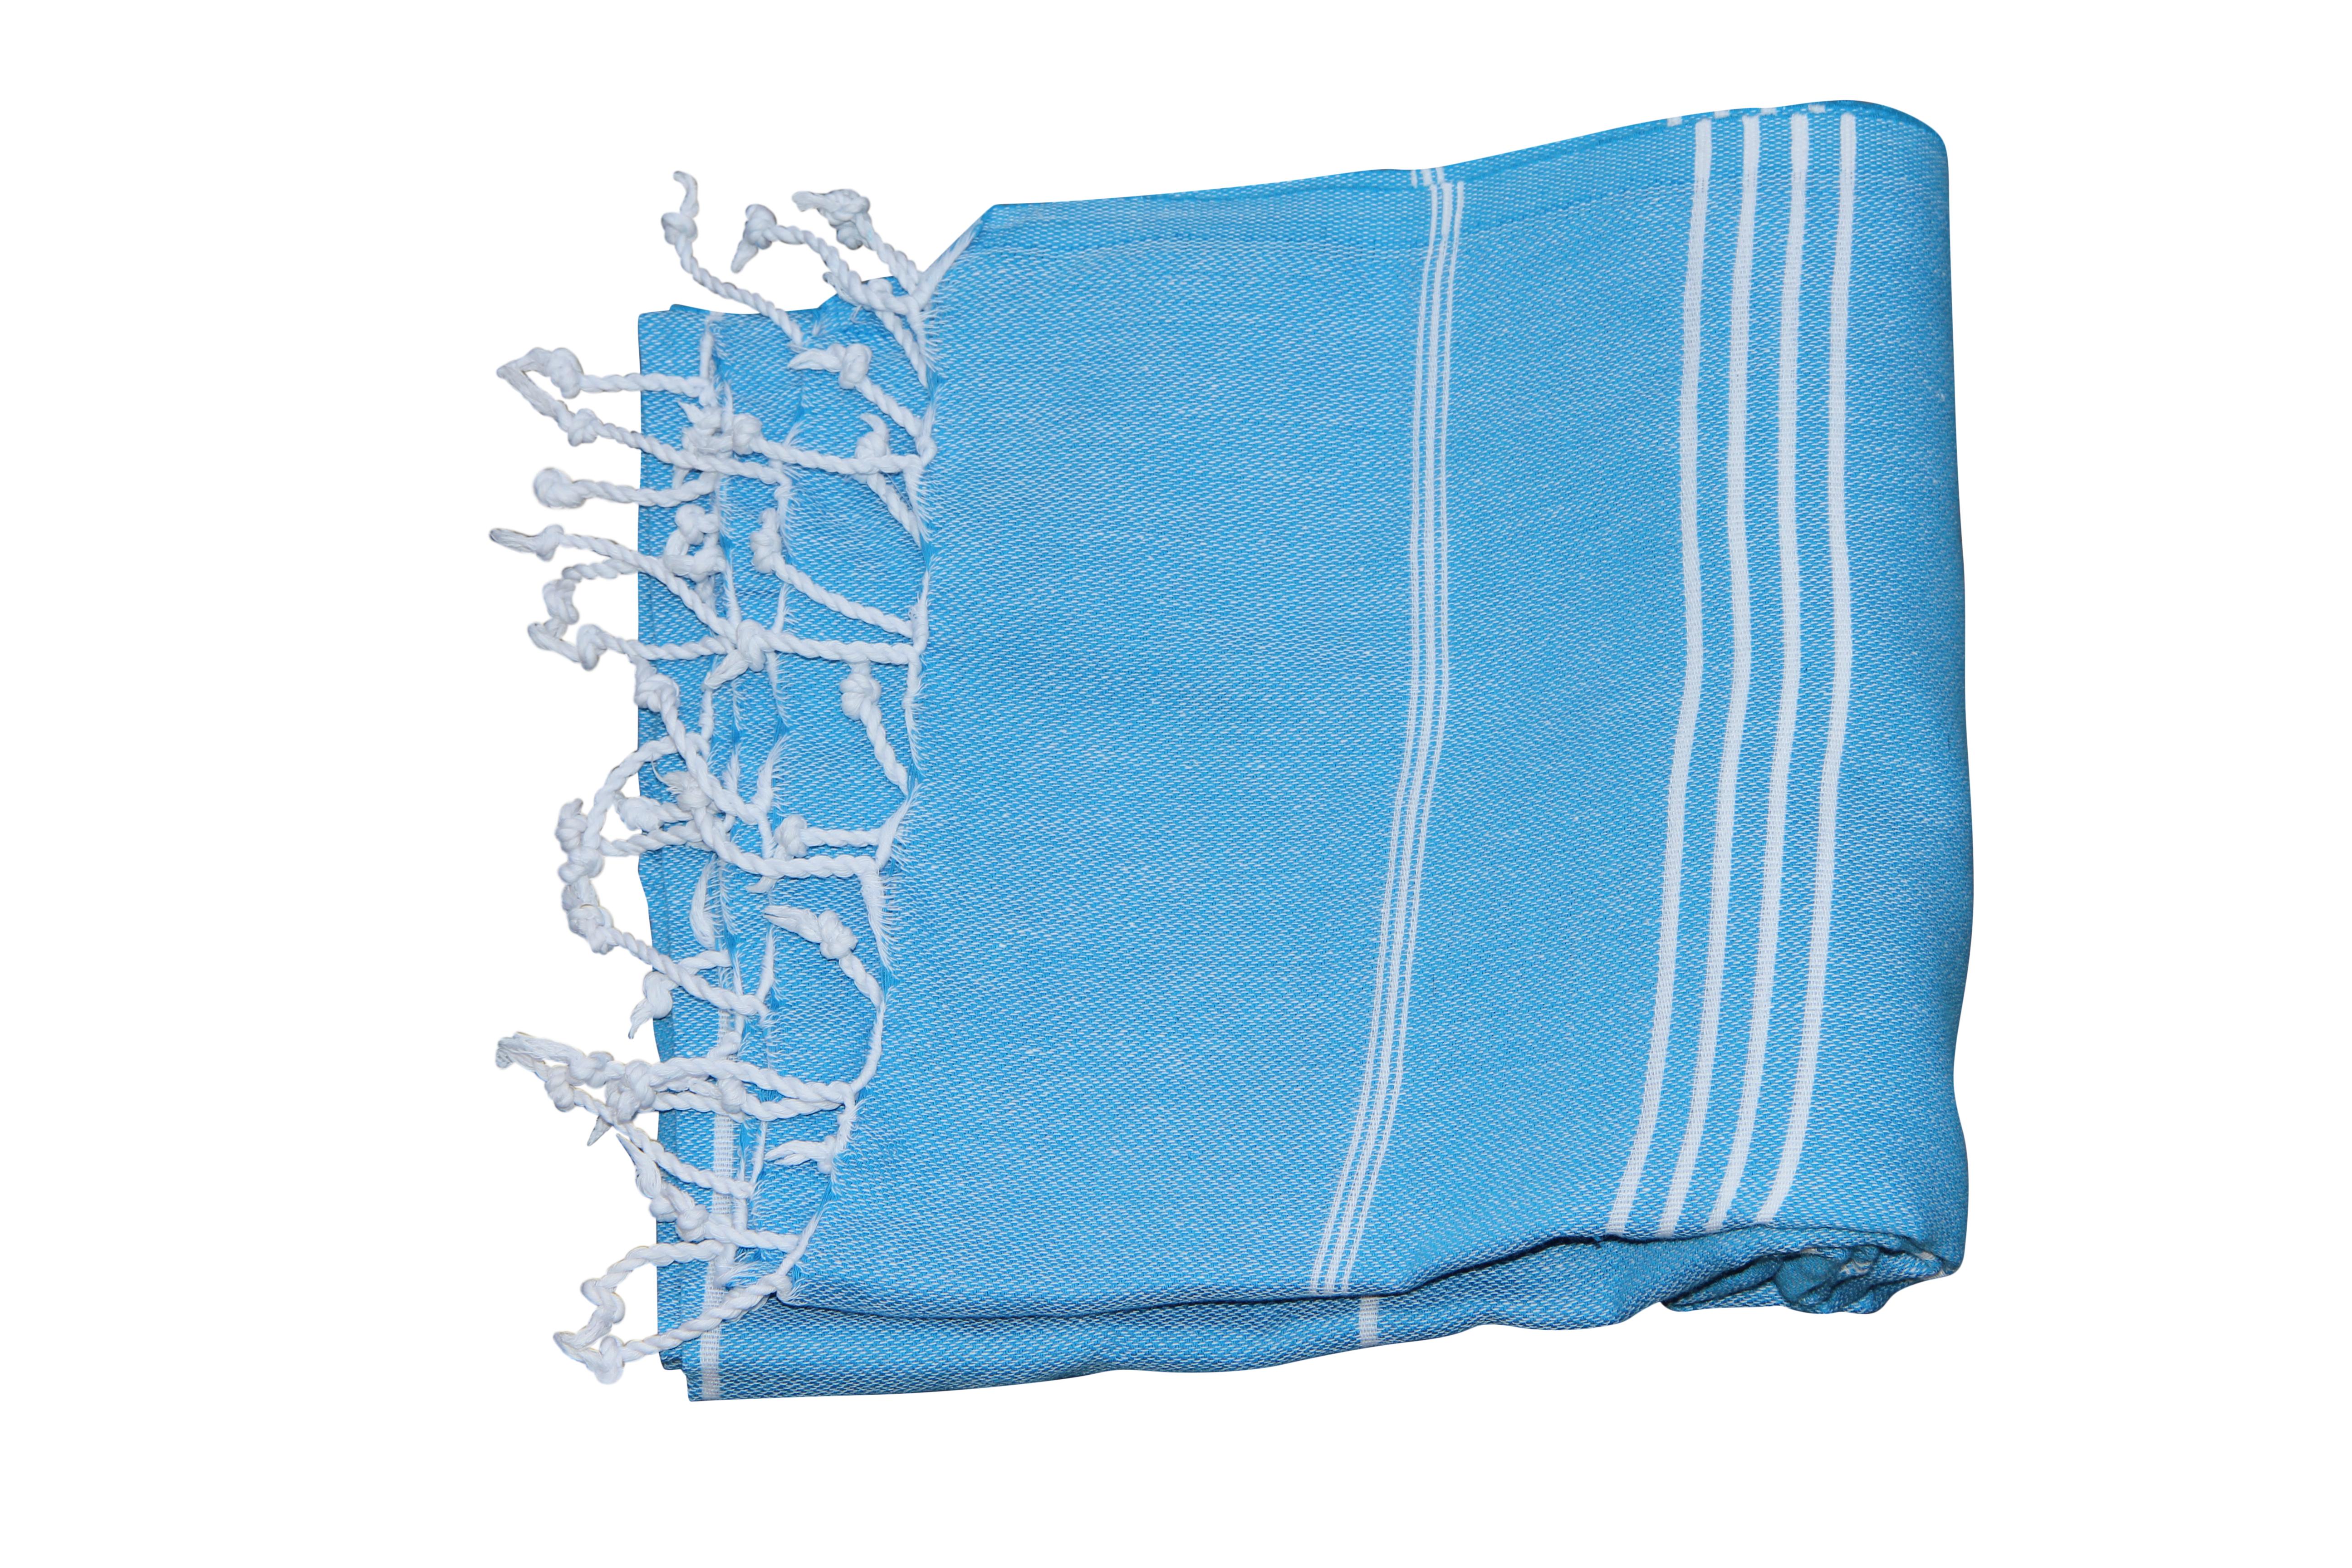 Afbeelding van Hamamdoek Aqua blauw 100% katoen (180cm x 100cm) 100% geweven katoenen